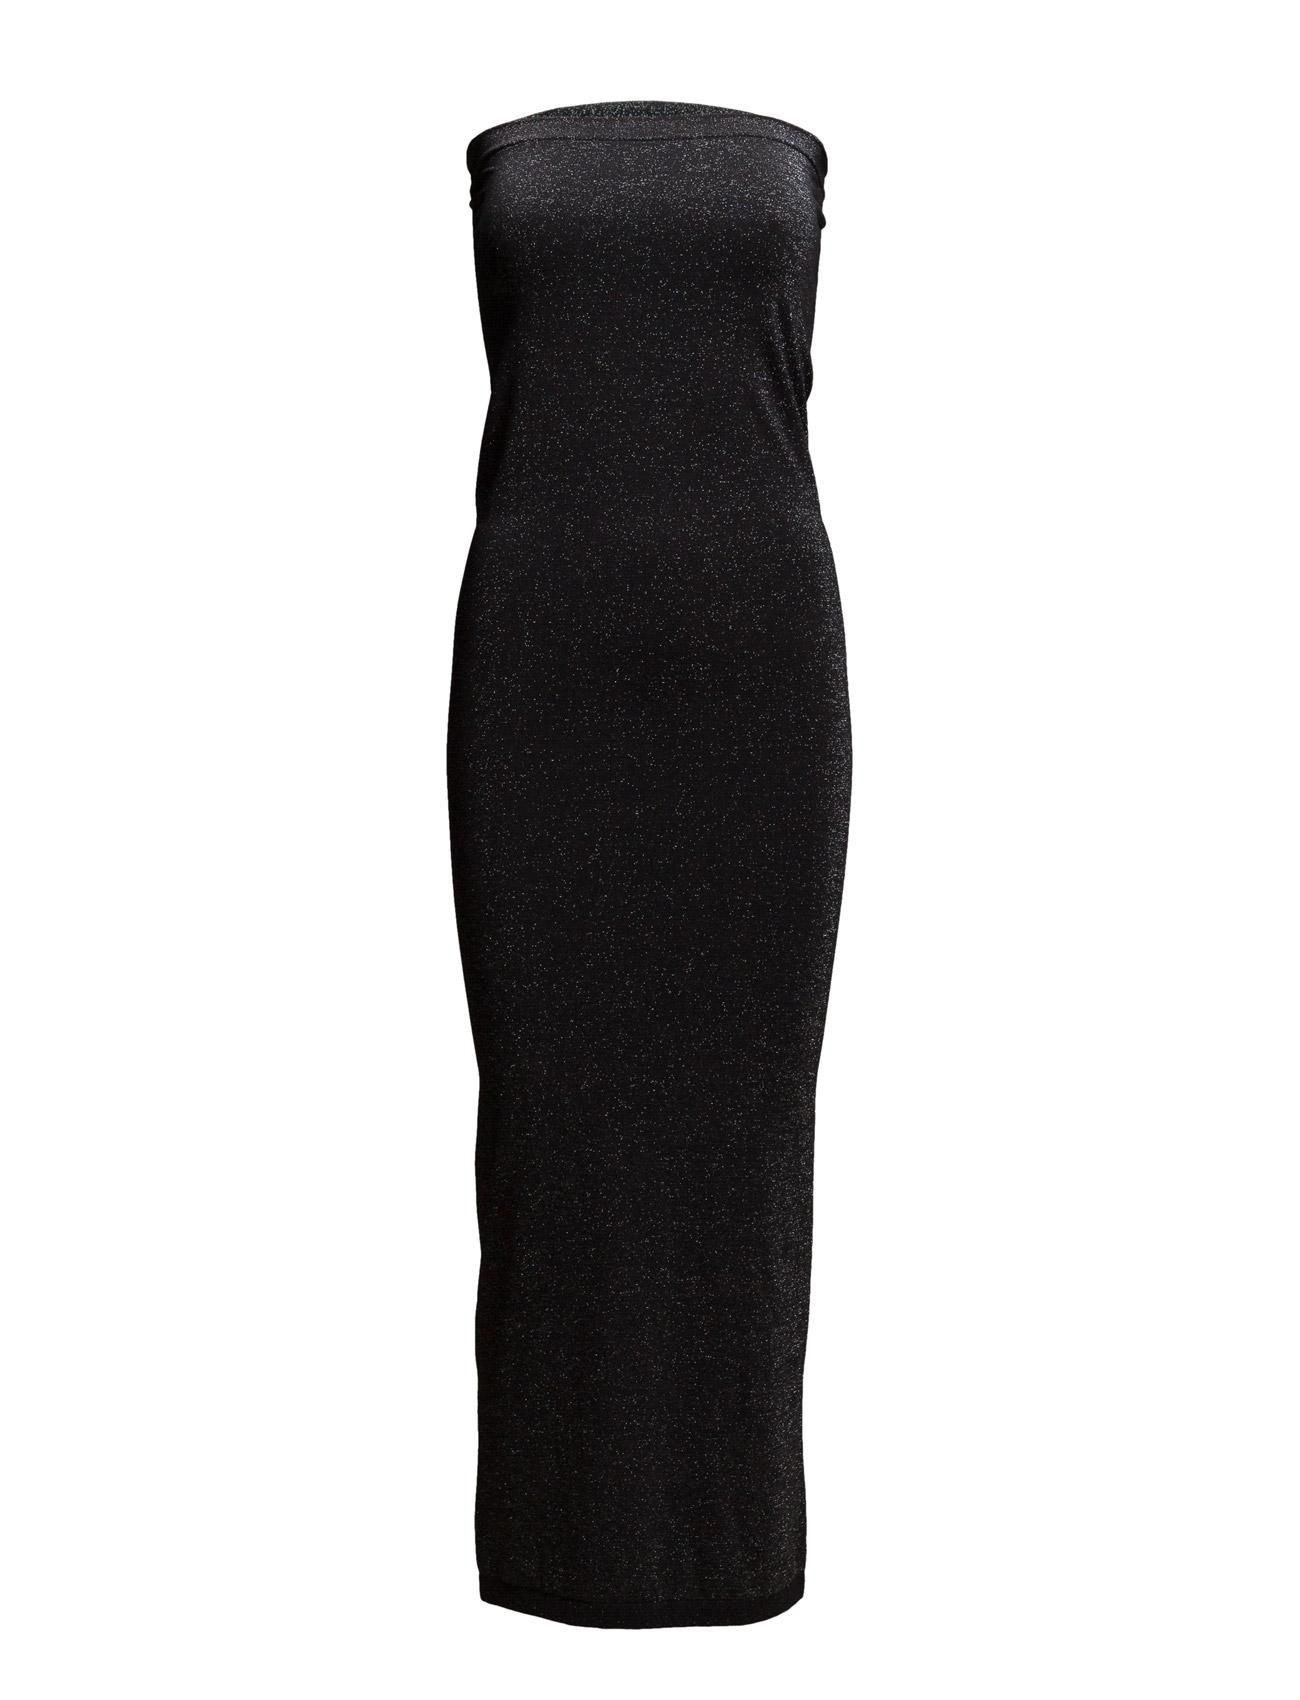 Stardust Dress Wolford Maxi Dress